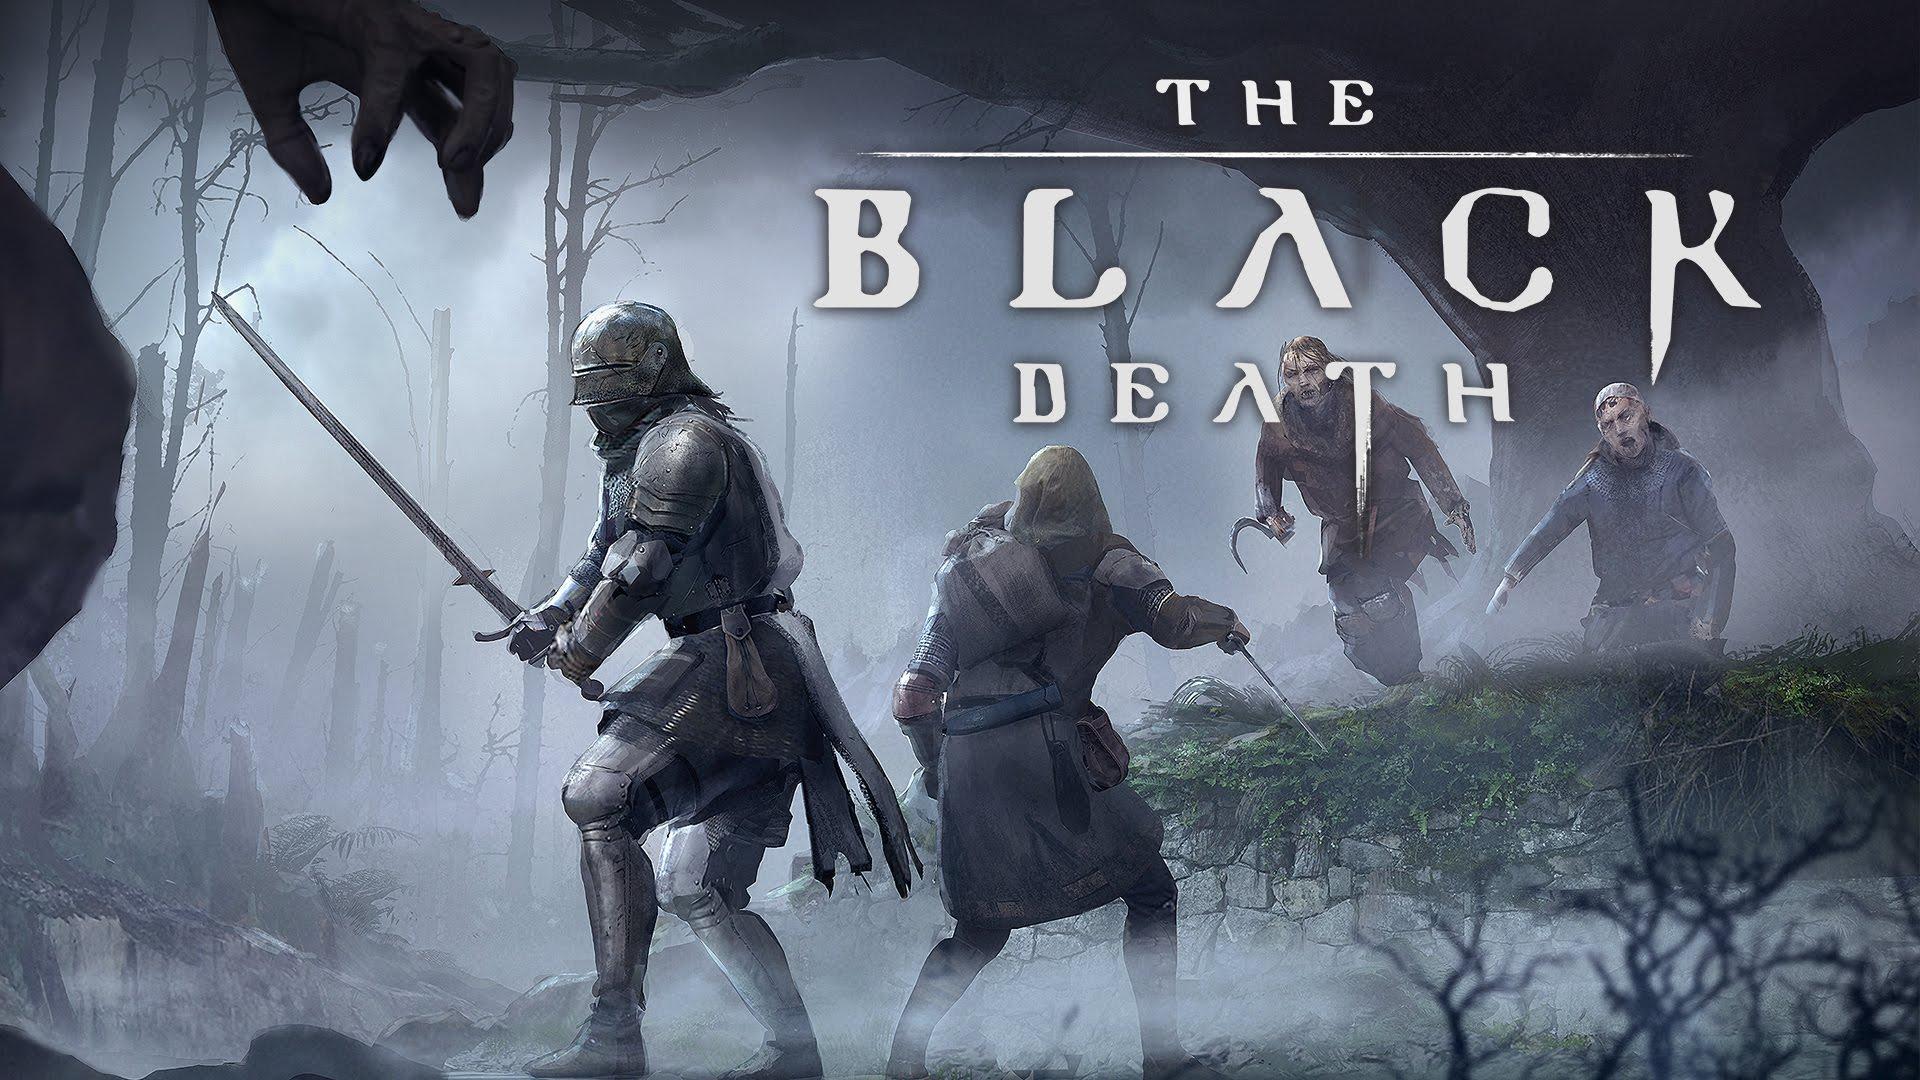 The Black Death - Обновление 0.07. Теперь вы можете стать попрошайкой